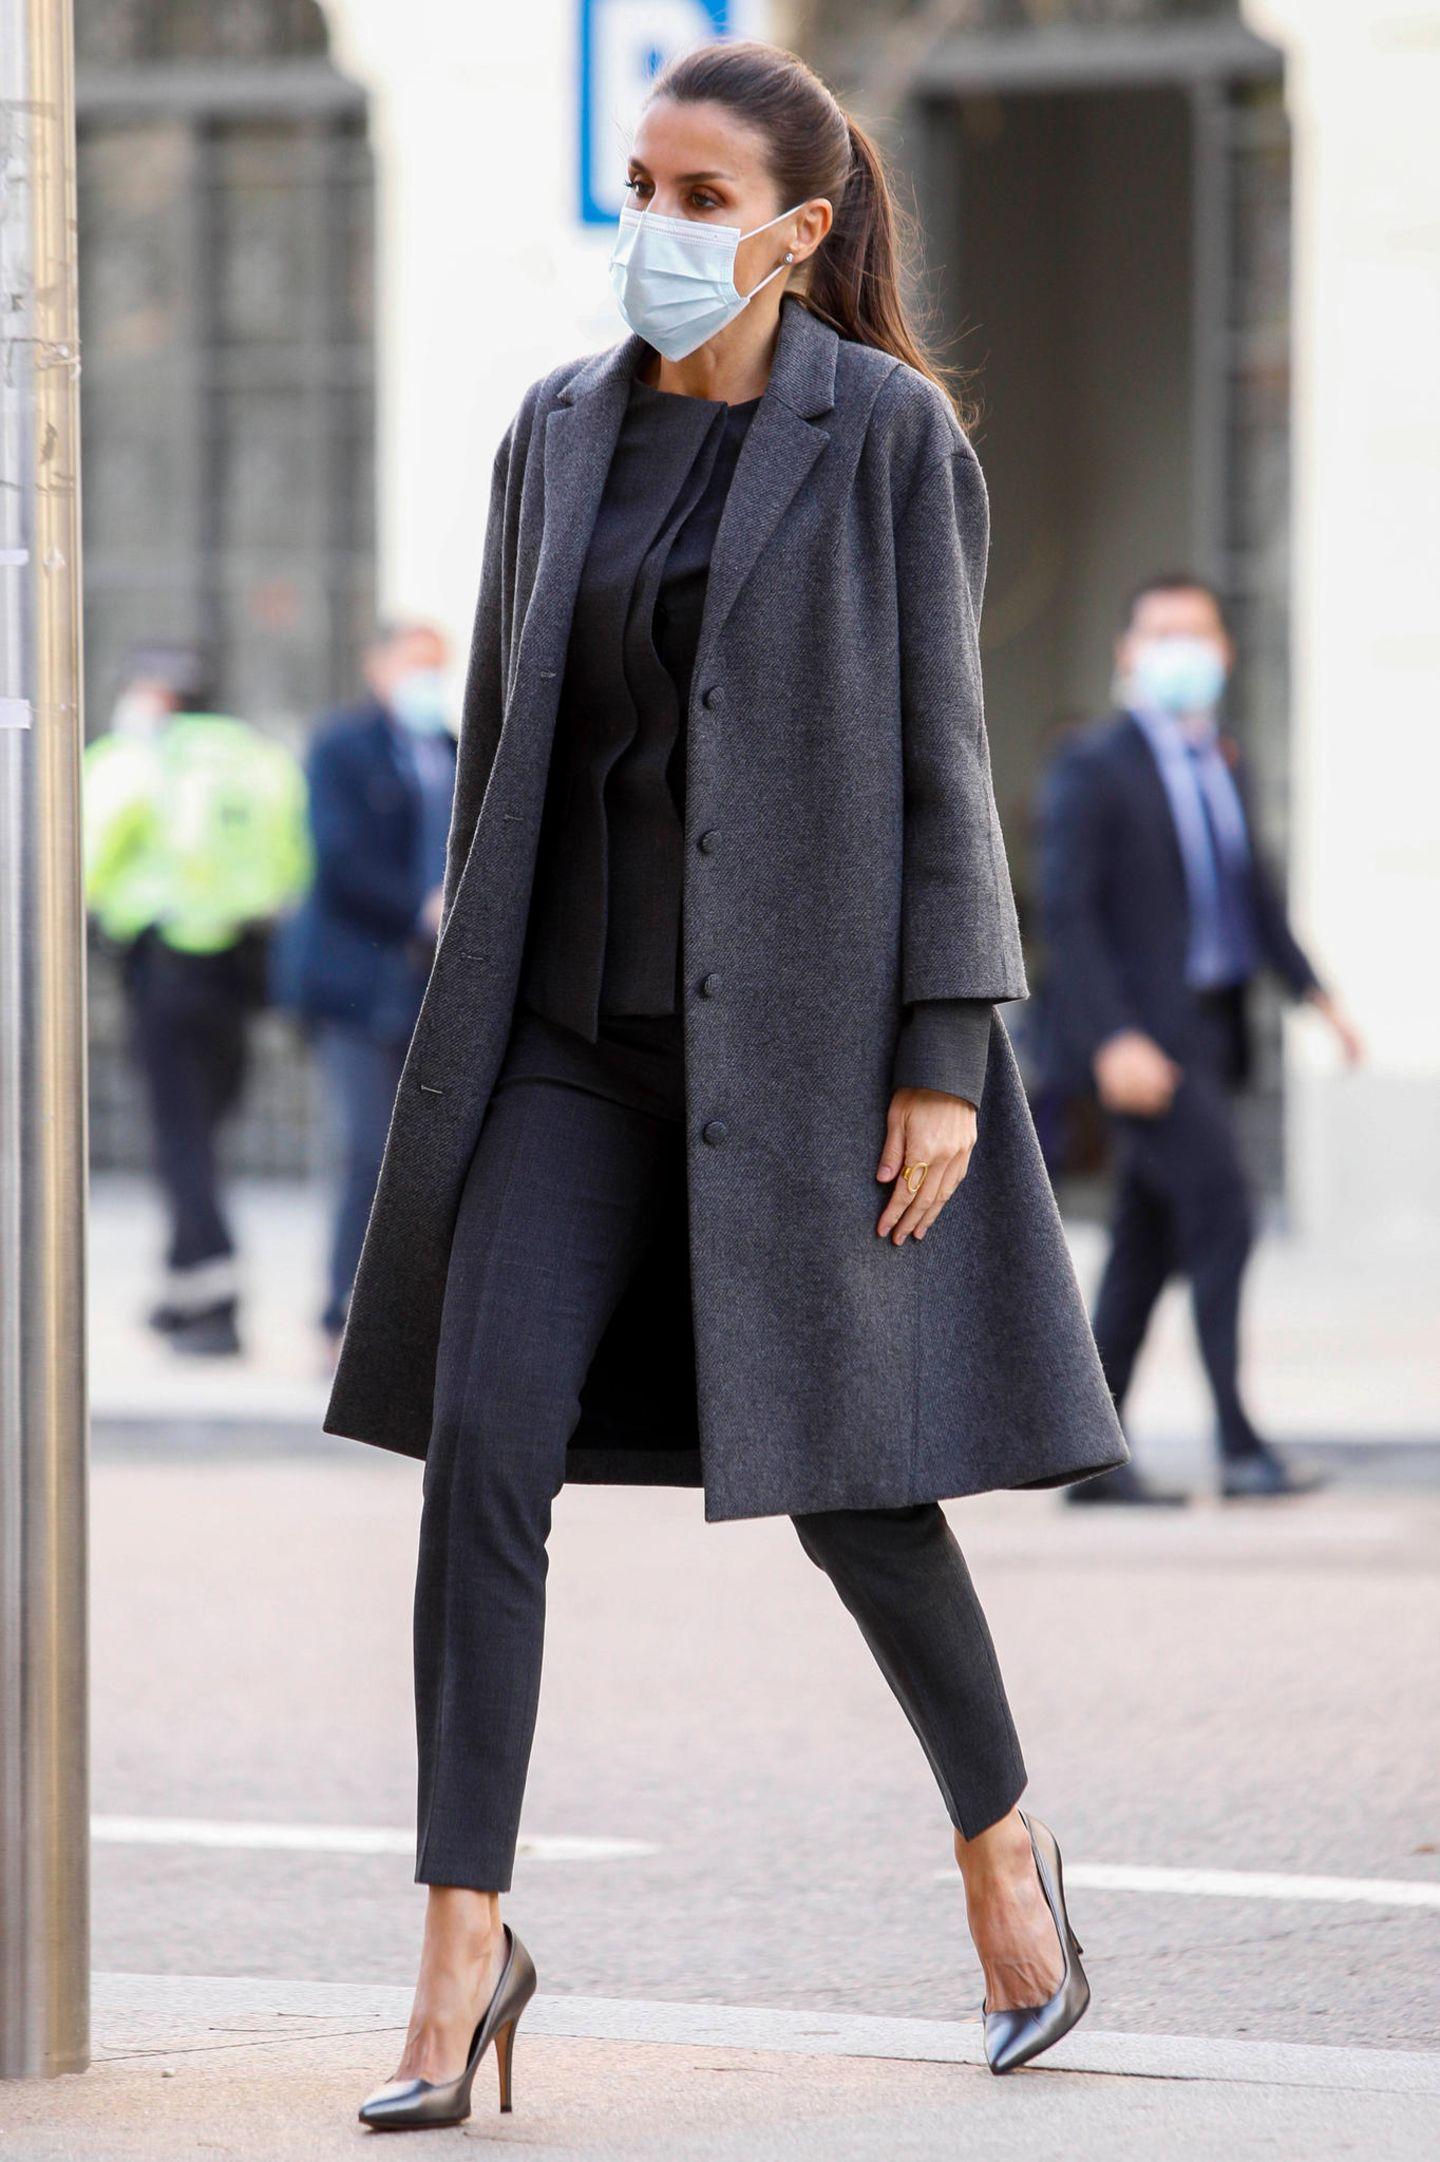 """Königin Letizia gehört zu den stilsichersten Royals überhaupt. Kein Wunder, dass sie auch in diesem schlichten grauen Lookbei einer Arbeitssitzung der Stiftung der spanischen Sprache """"FundéuRAE"""" in Madrid einfach bezaubernd aussieht. Die trägt eine elegante Kombi aus Blazer und Hose von HUGO BOSS (rund 660 Euro), metallische Pumps von Magrit (rund 300 Euro) und einen Tweed Mantel von Nina Ricci (etwa 2200 Euro). Den Mantel trägt Letizia allerdings schon seit mehr als fünf Jahren – der muss definitiv ein Lieblingsstück der Königin sein."""